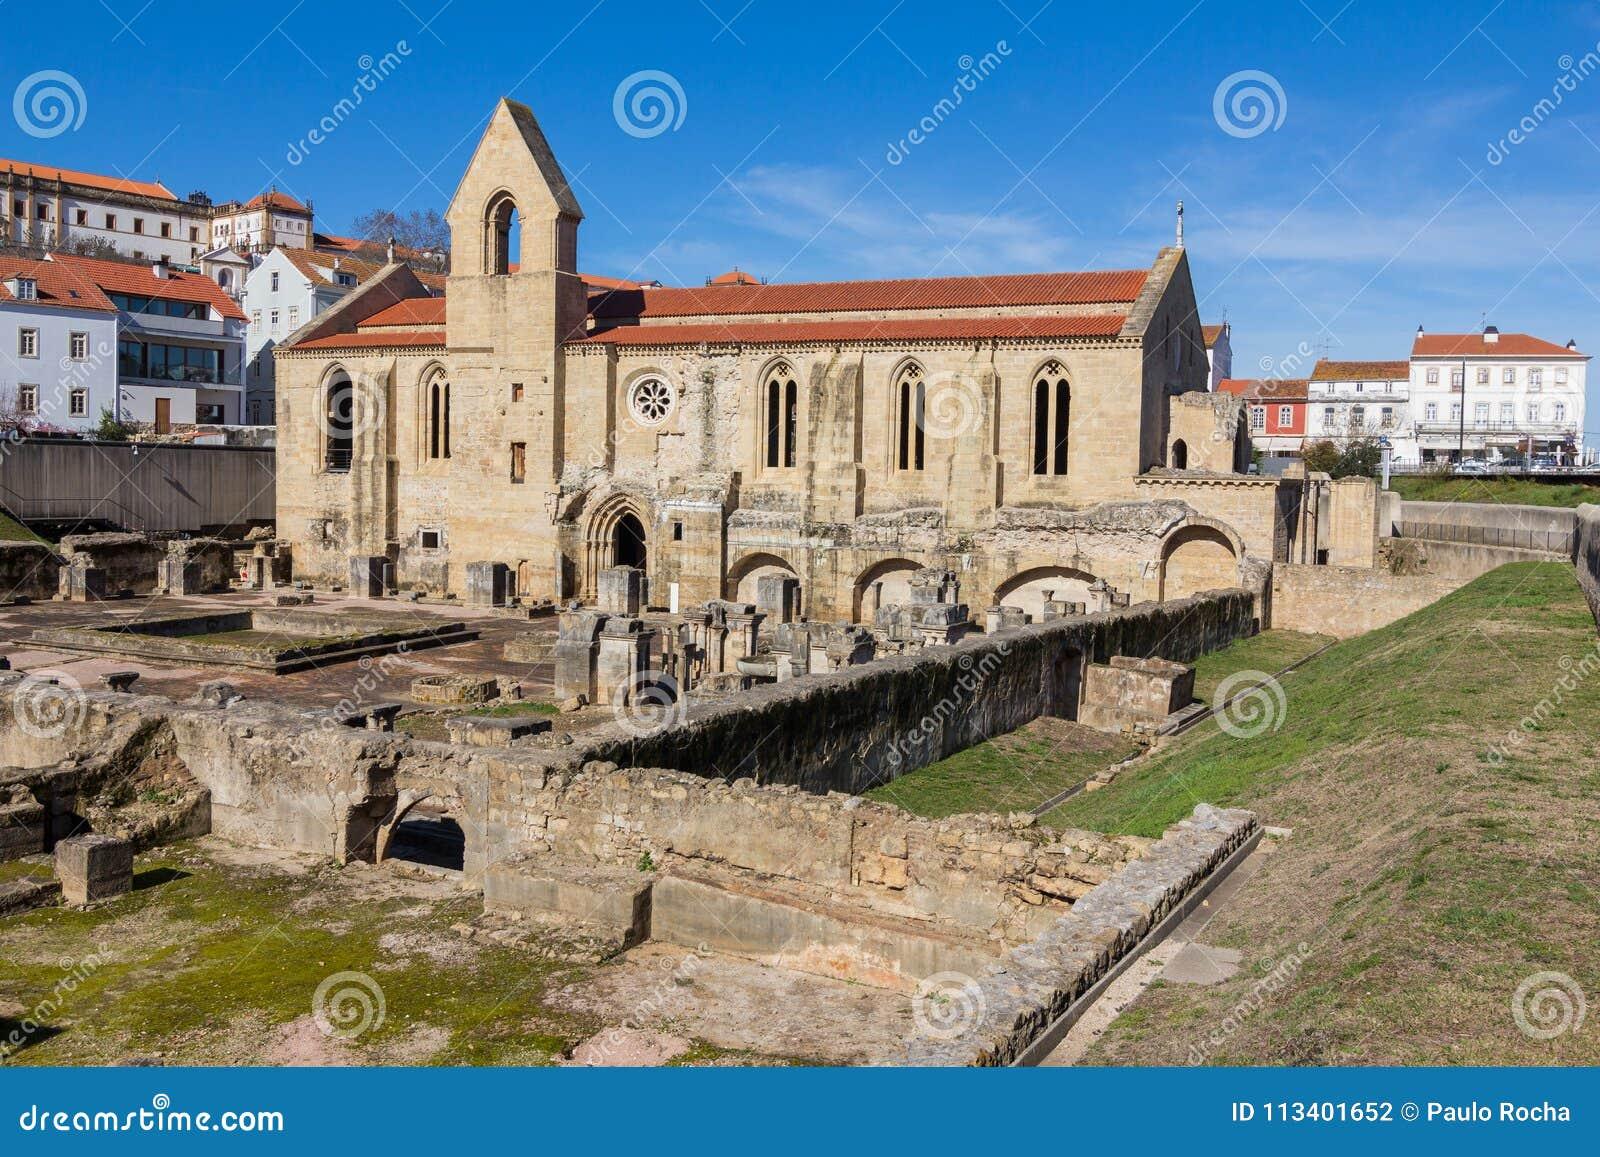 Monasterio De Santa Clara Velha En Coímbra Portugal Foto De Archivo Imagen De Coímbra Monasterio 113401652